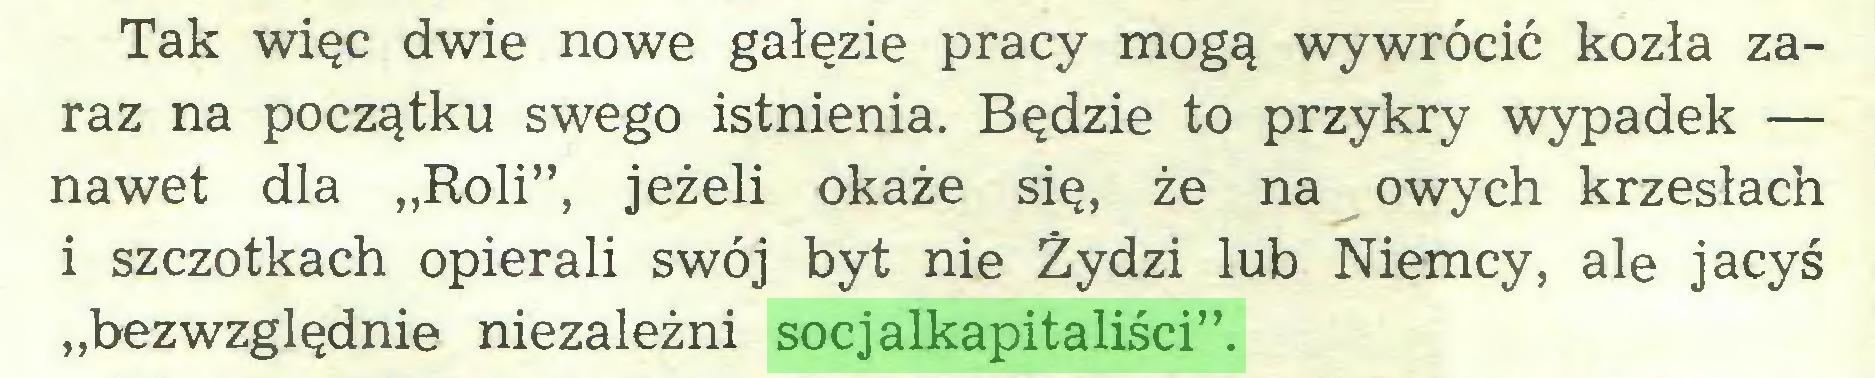 """(...) Tak więc dwie nowe gałęzie pracy mogą wywrócić kozła zaraz na początku swego istnienia. Będzie to przykry wypadek — nawet dla """"Roli"""", jeżeli okaże się, że na owych krzesłach i szczotkach opierali swój byt nie Żydzi lub Niemcy, ale jacyś """"bezwzględnie niezależni socjalkapitaliści""""..."""